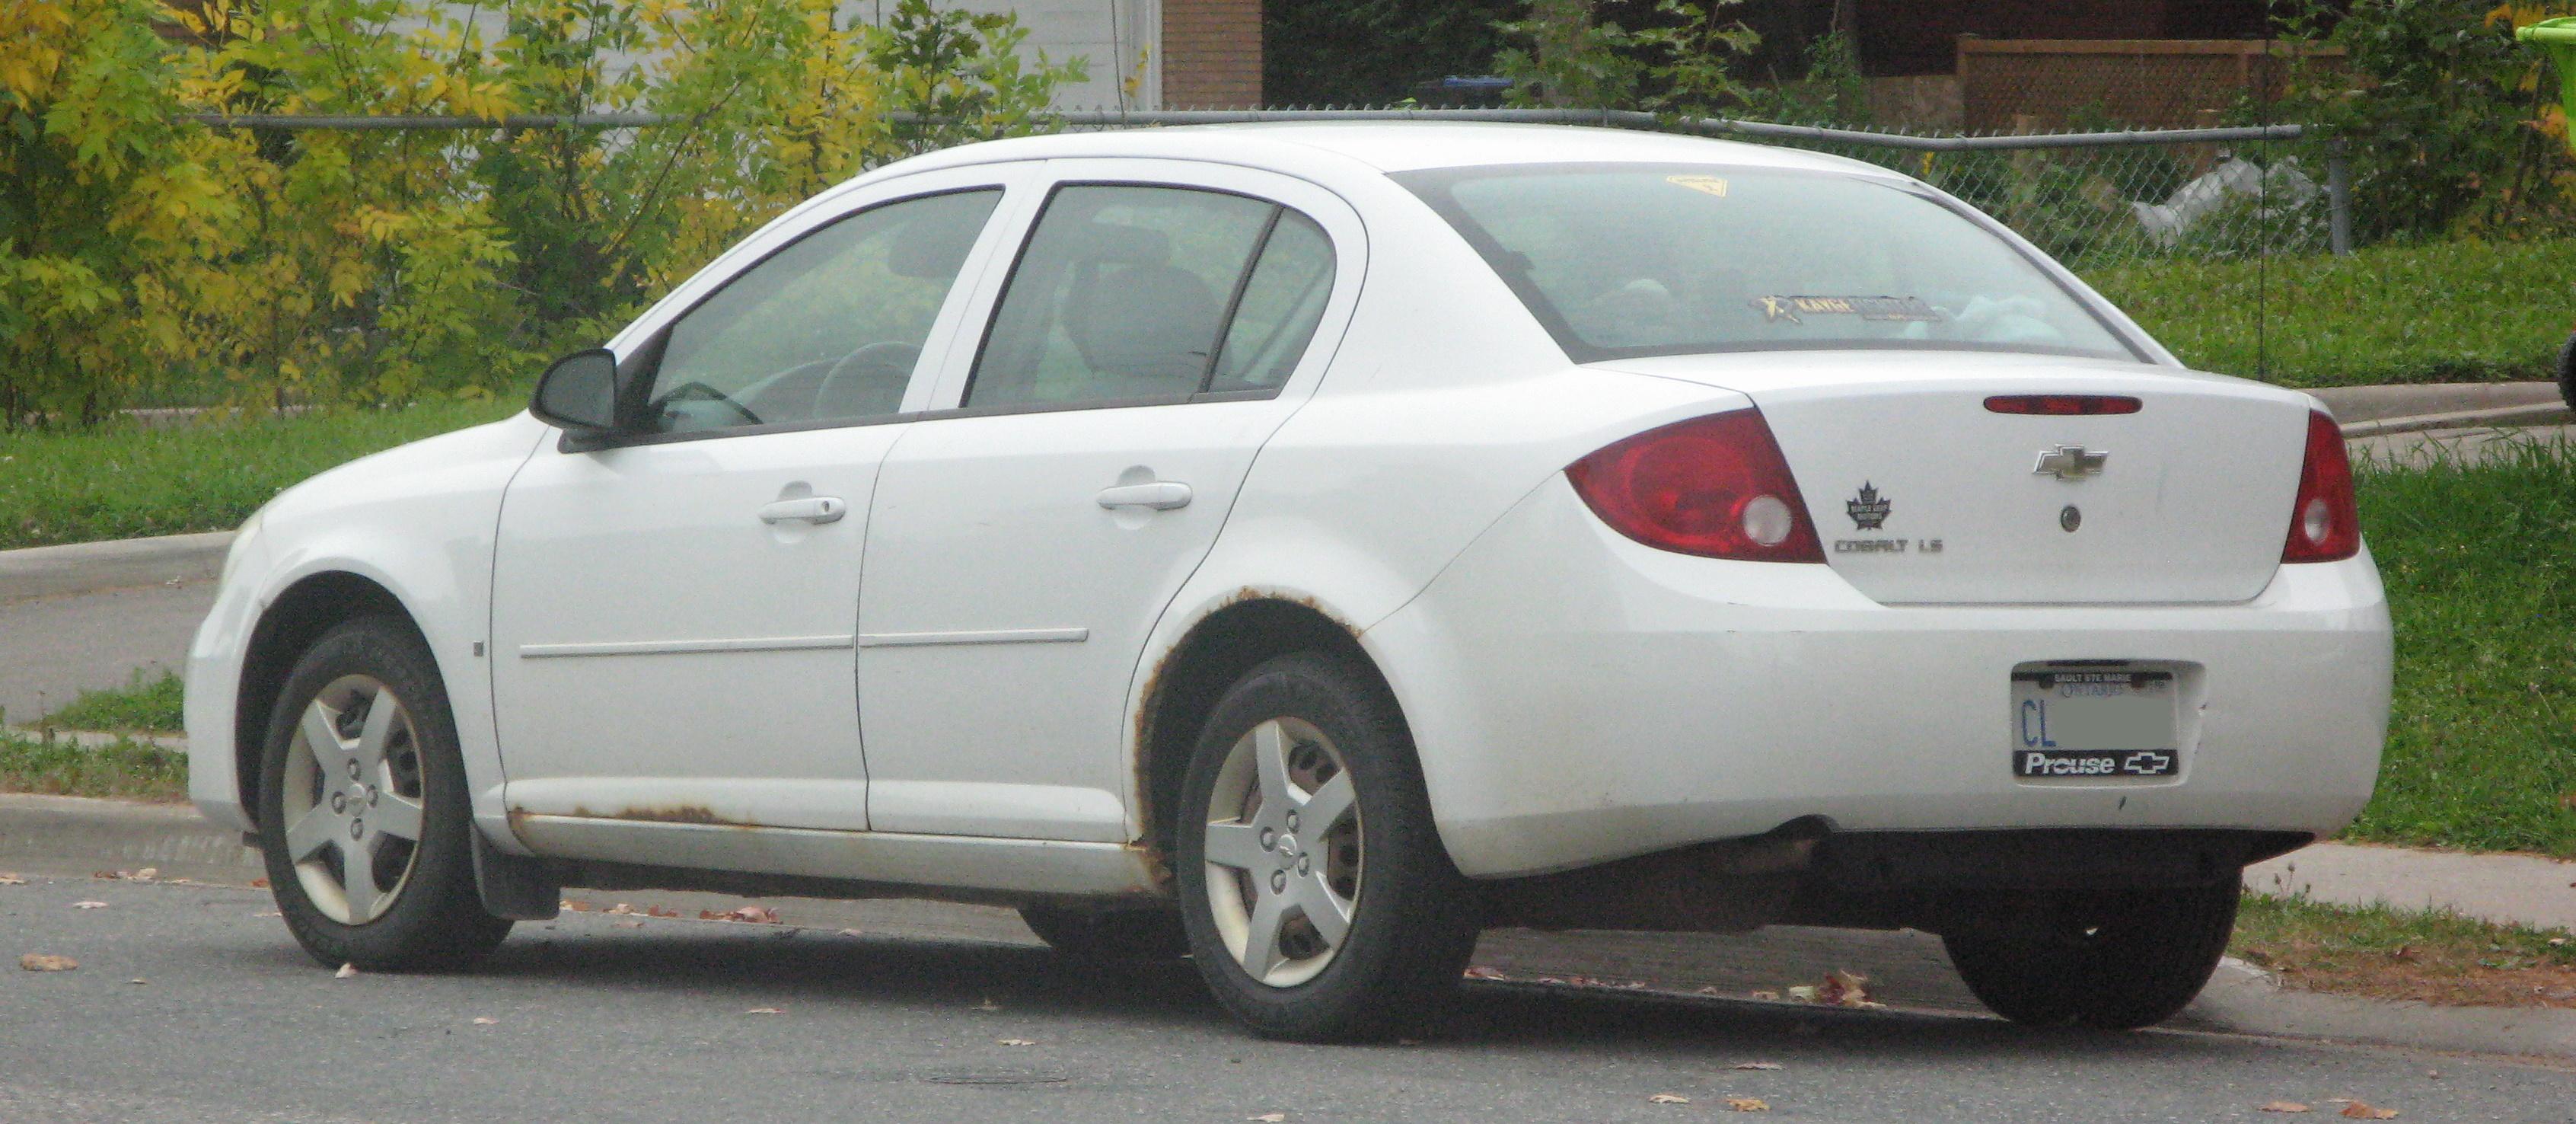 File 2006 Chevrolet Cobalt Ls Rear Left 09 24 2020 Jpg Wikimedia Commons